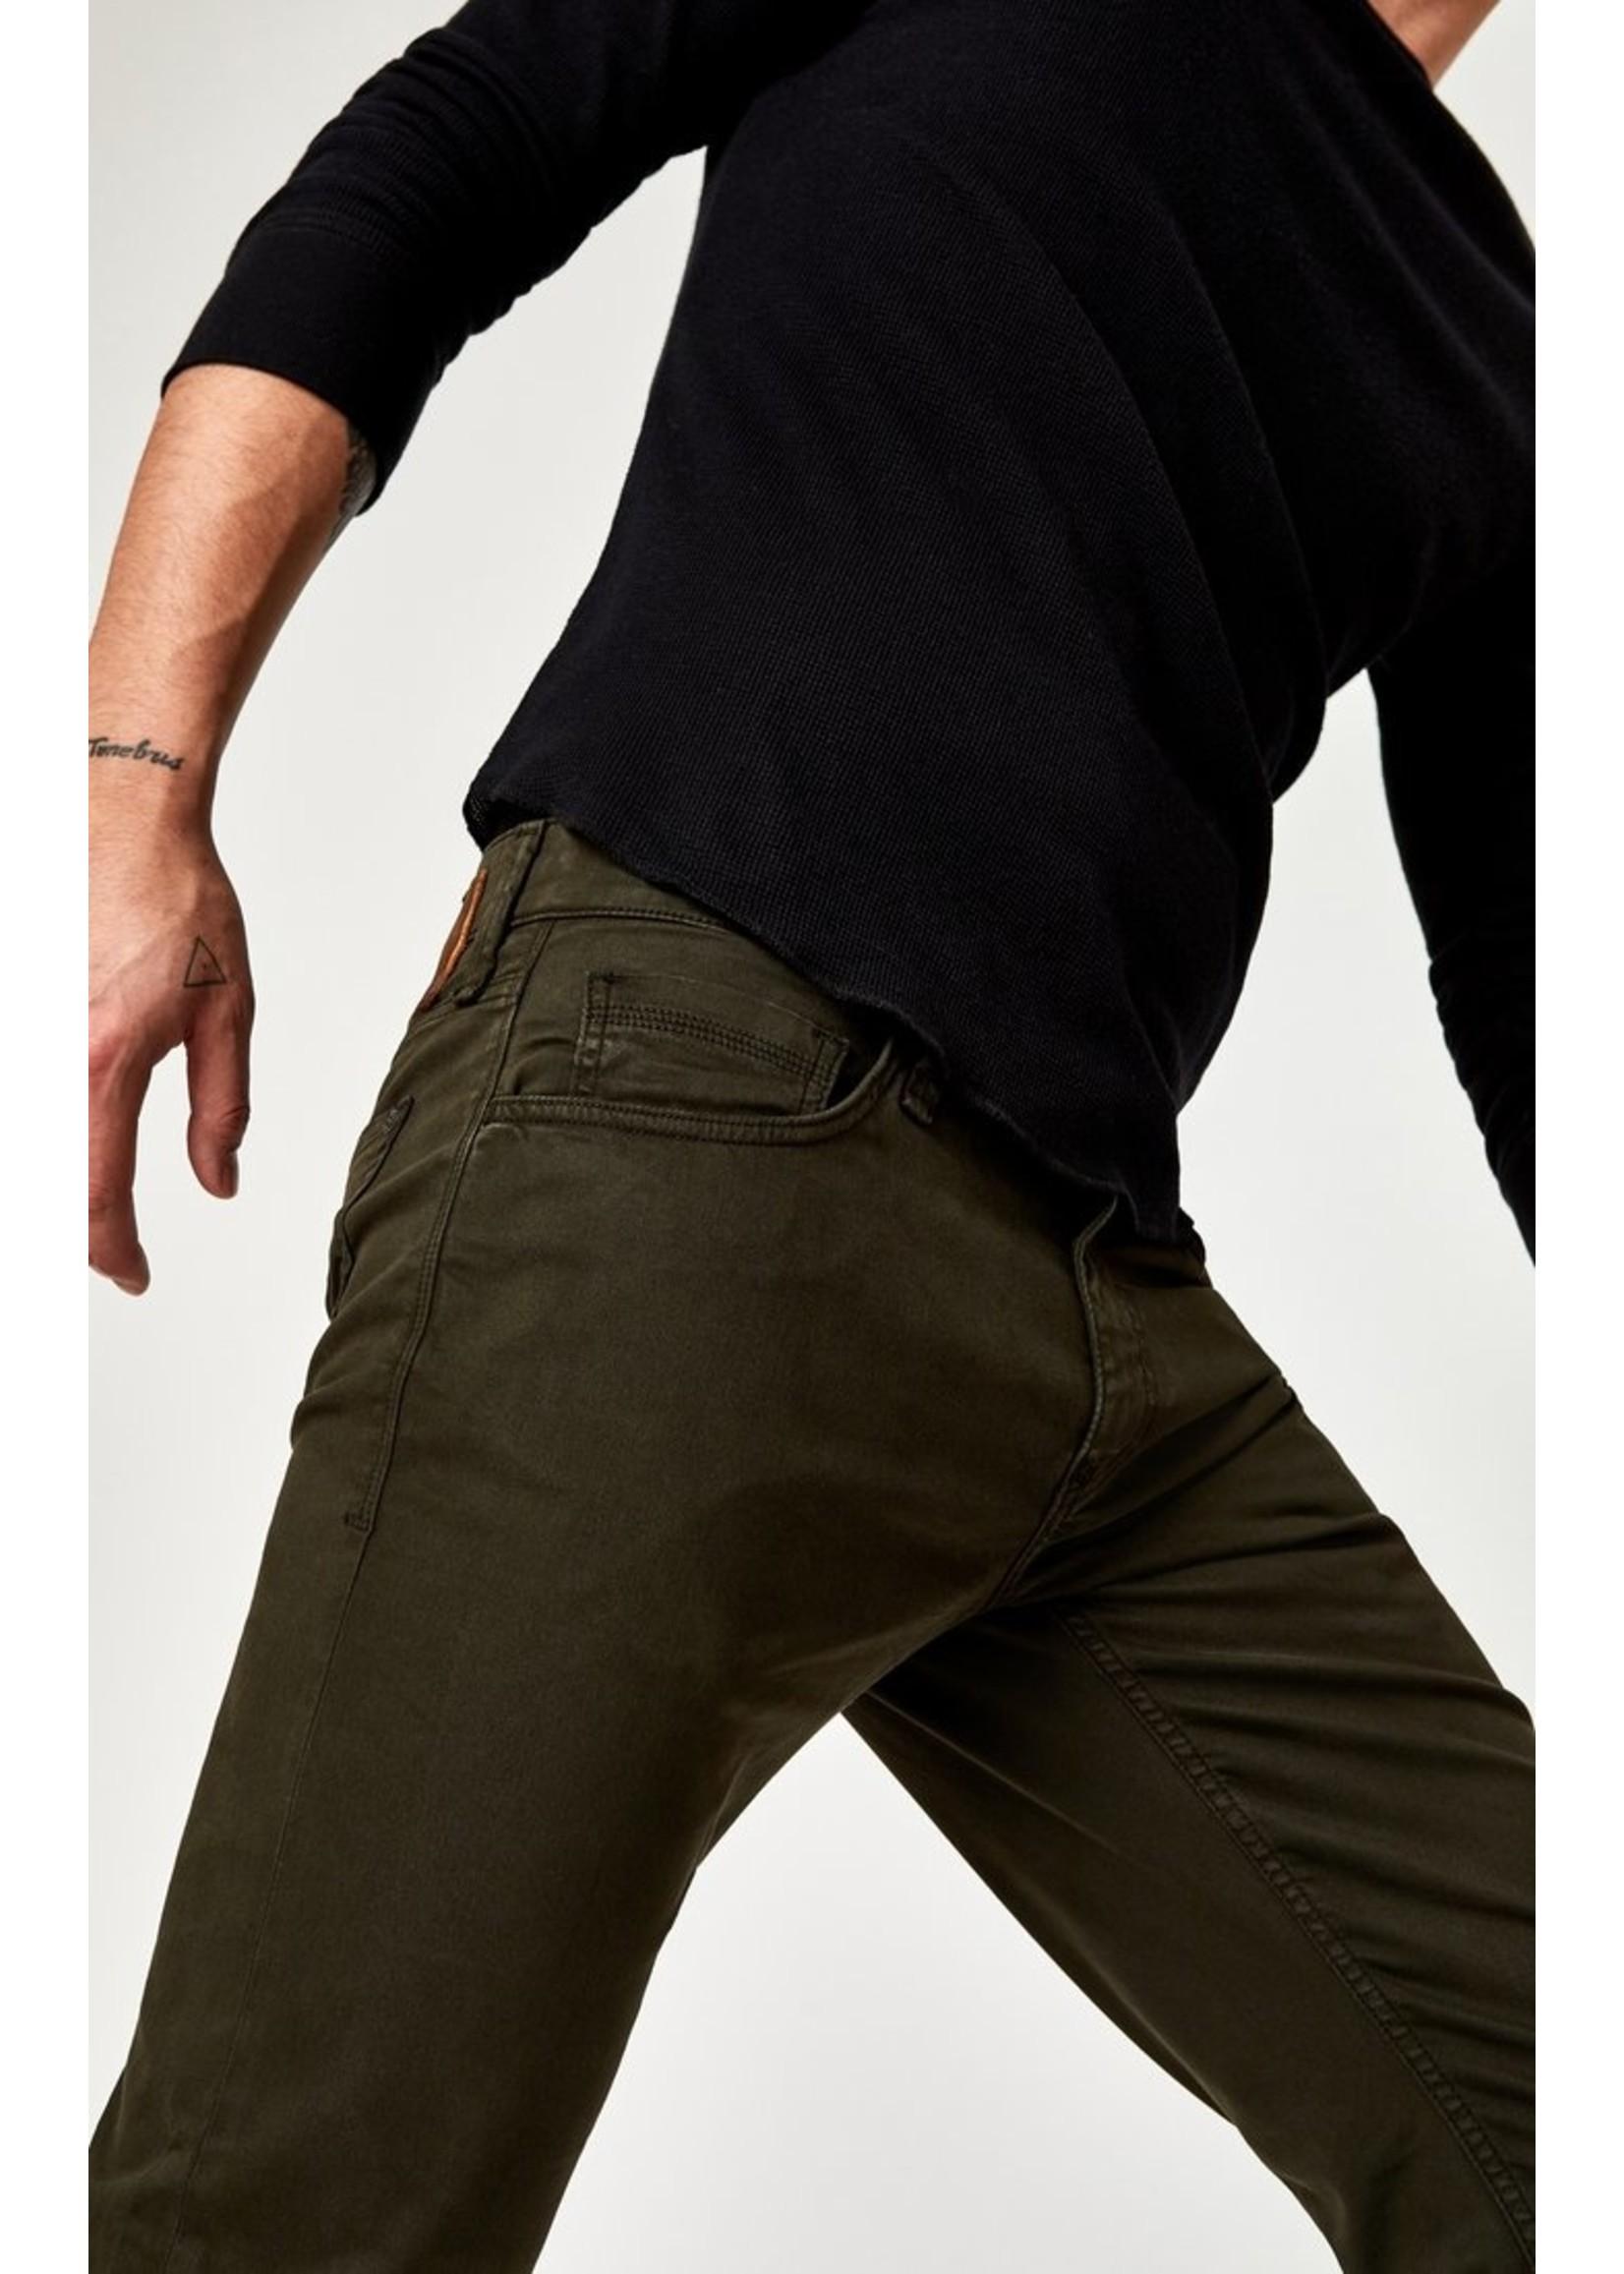 Mavi Jeans Marcus Green Twill